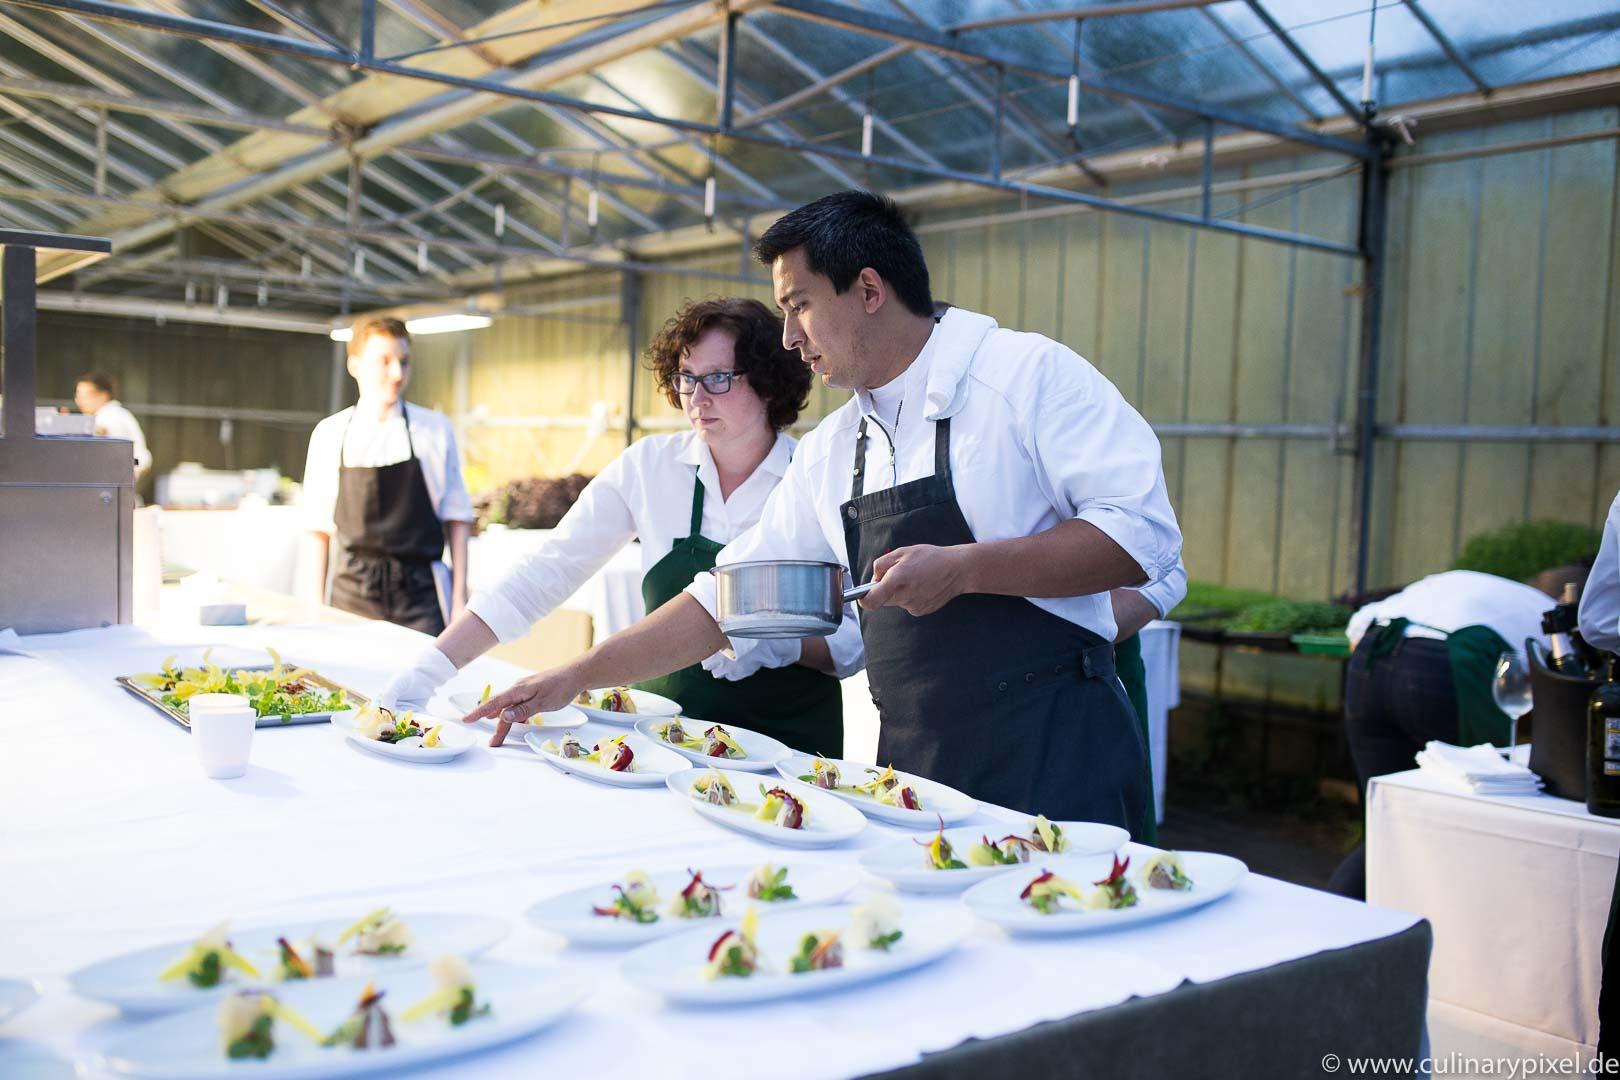 Tohru Nakamura Garden Table Geisels Werneckhof mit Julia Pleitinger